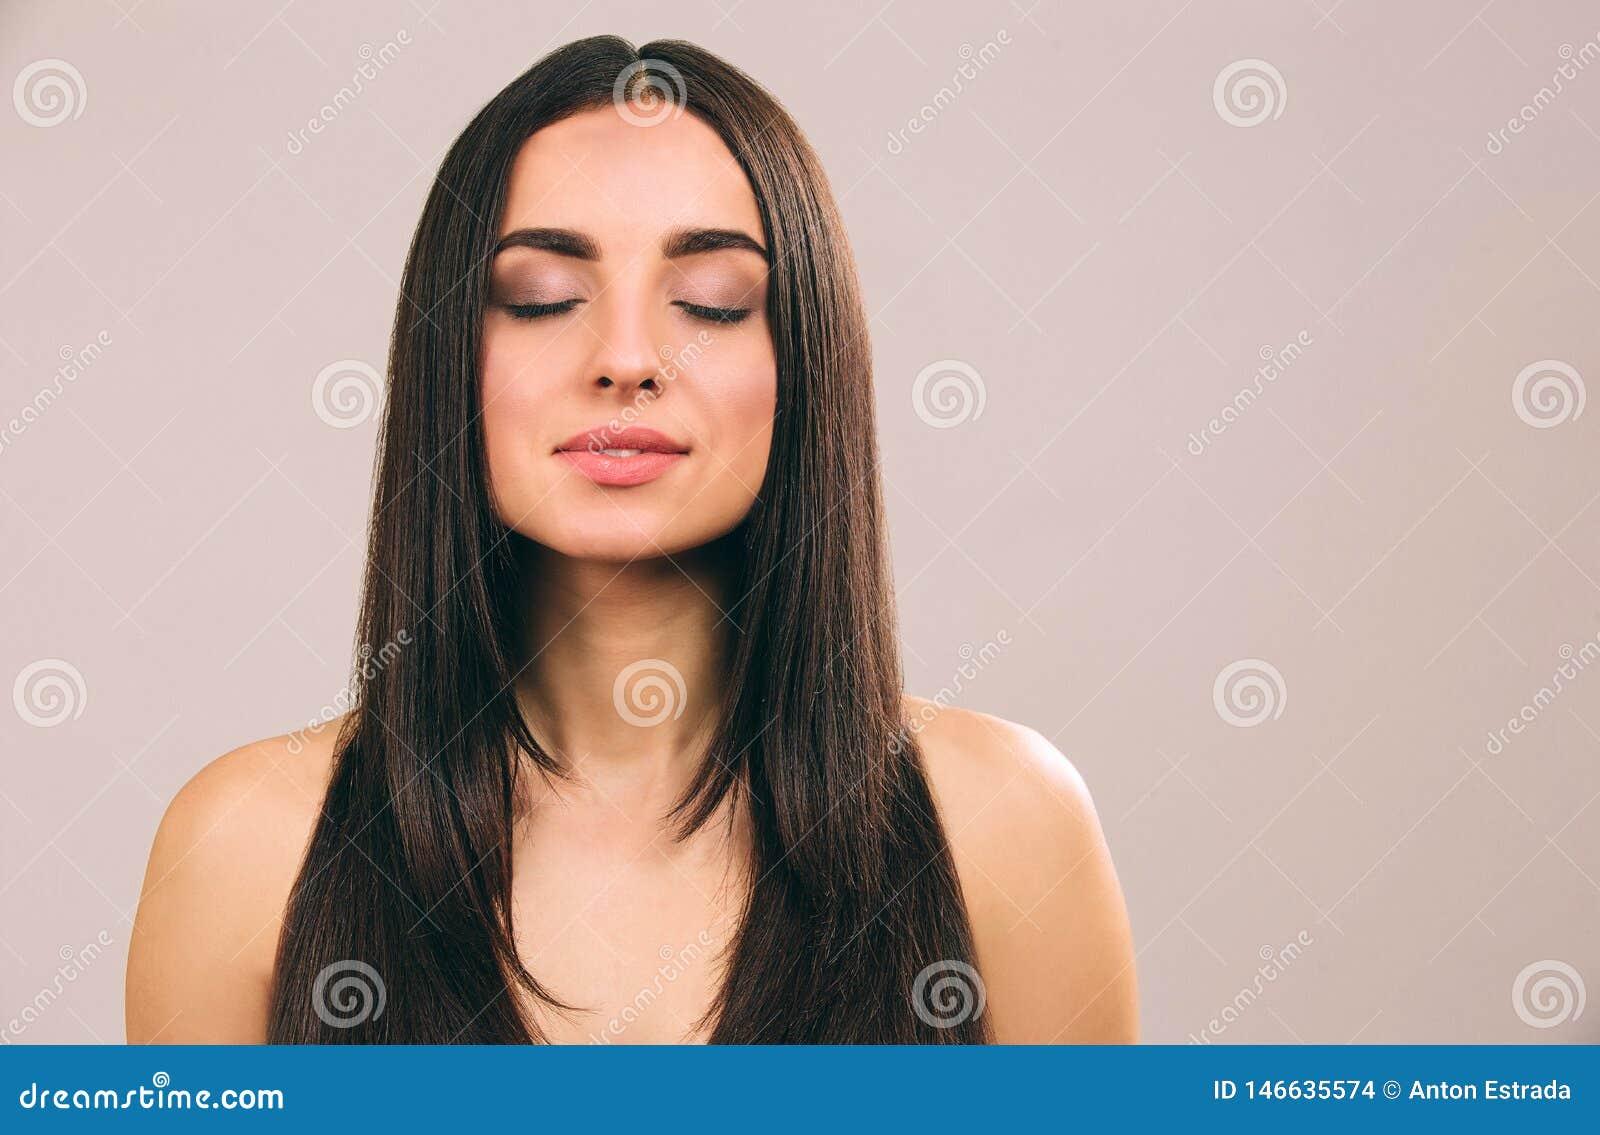 Peaceful Brunette In White Summer Dress Posing Stock Photo